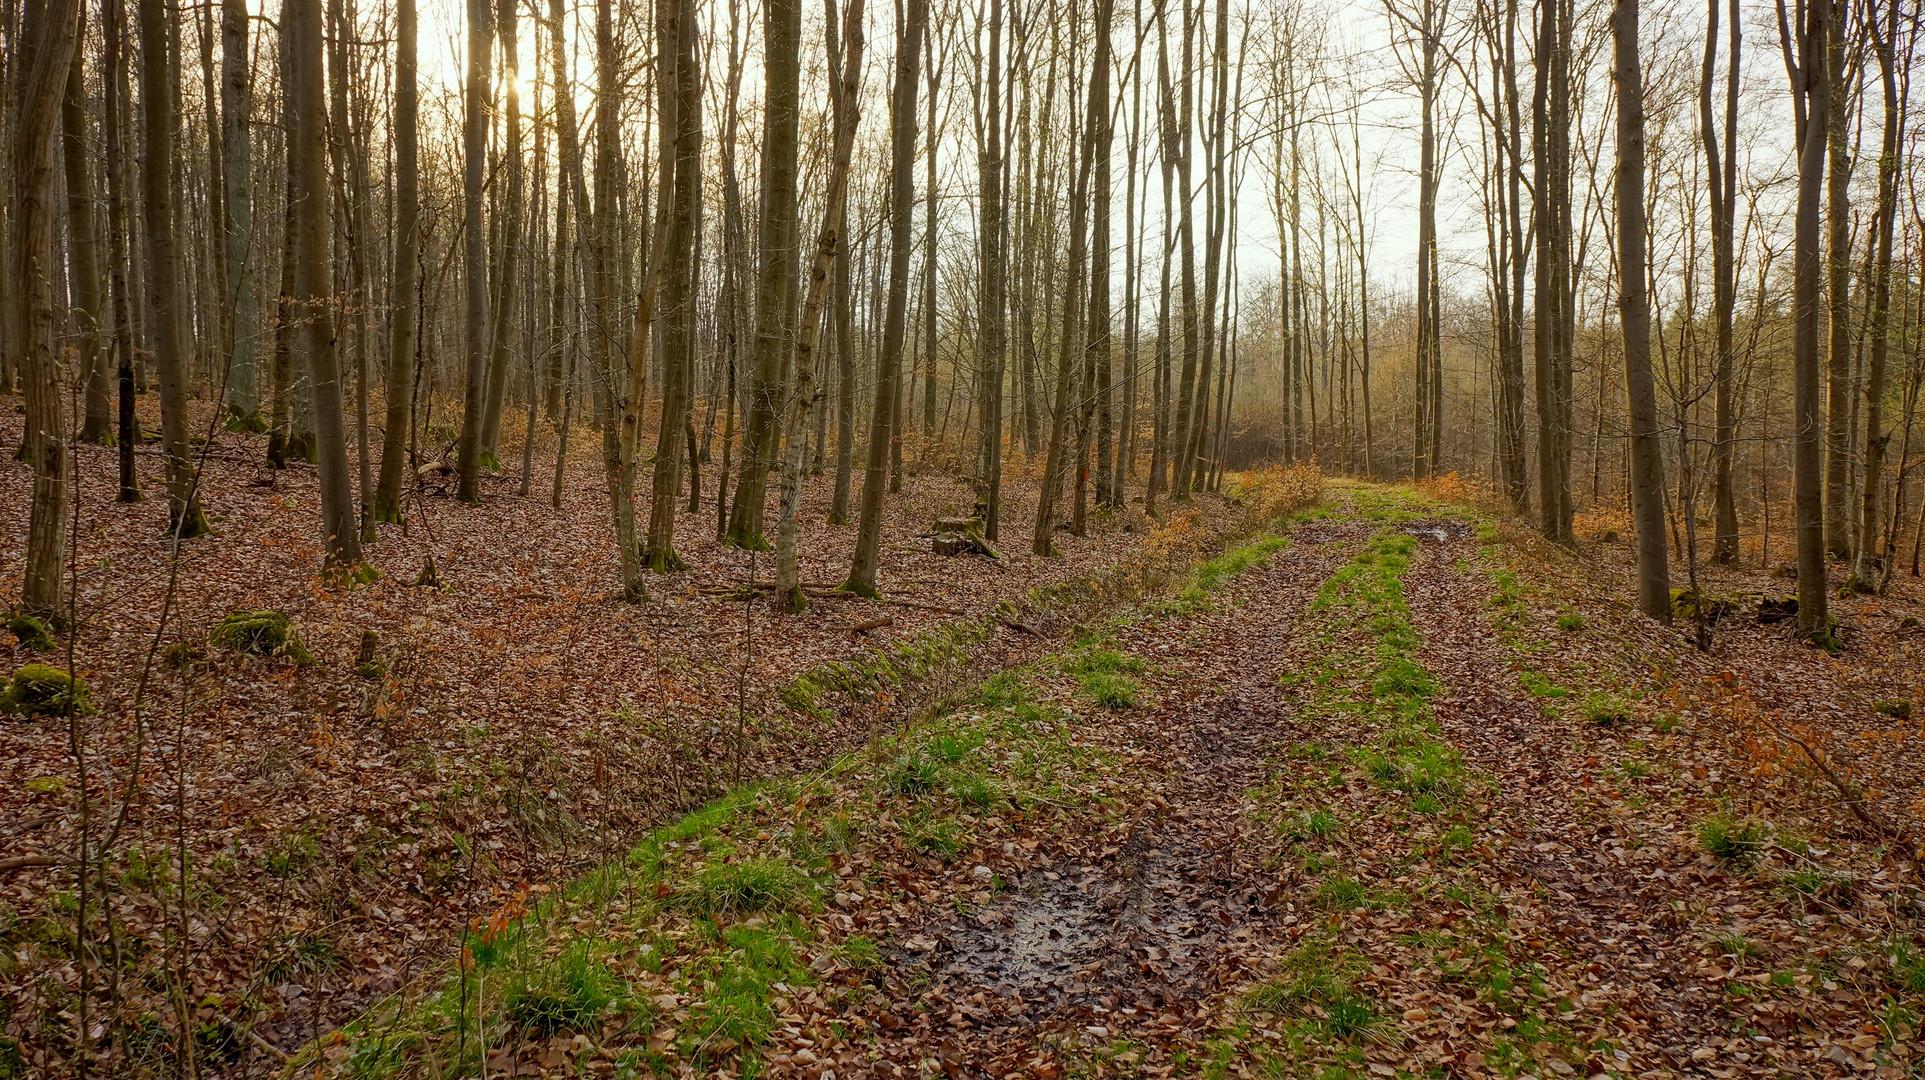 Abend im Wald (por la tarde en el bosque)